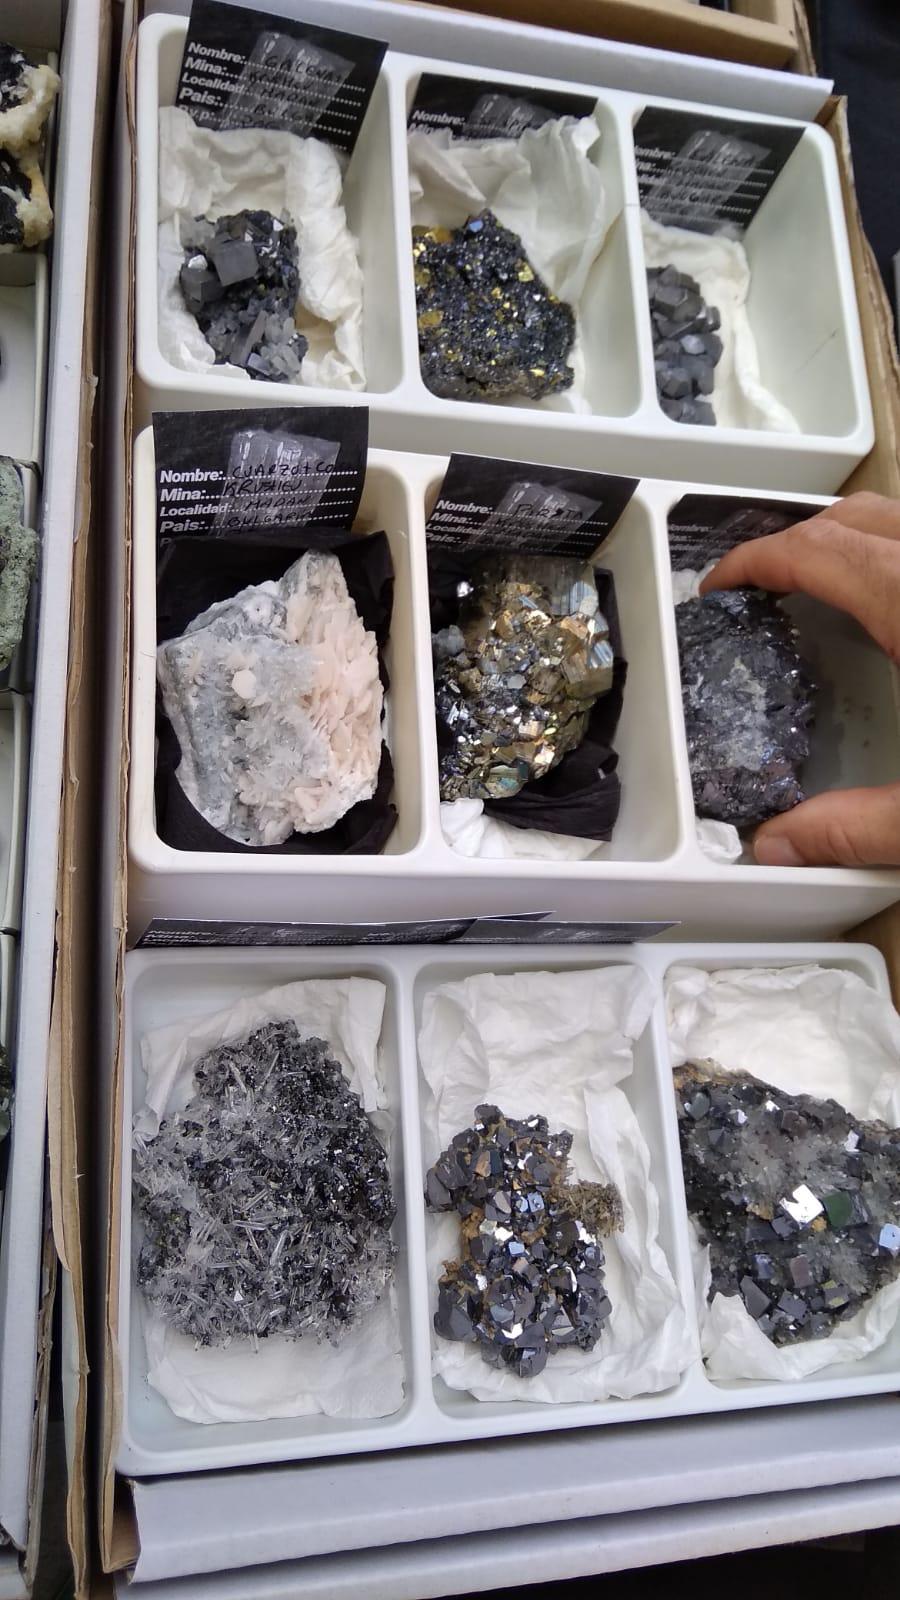 I Feria de minerales intercambio y venta de Cártama (MÁLAGA) - Página 5 Img-2035